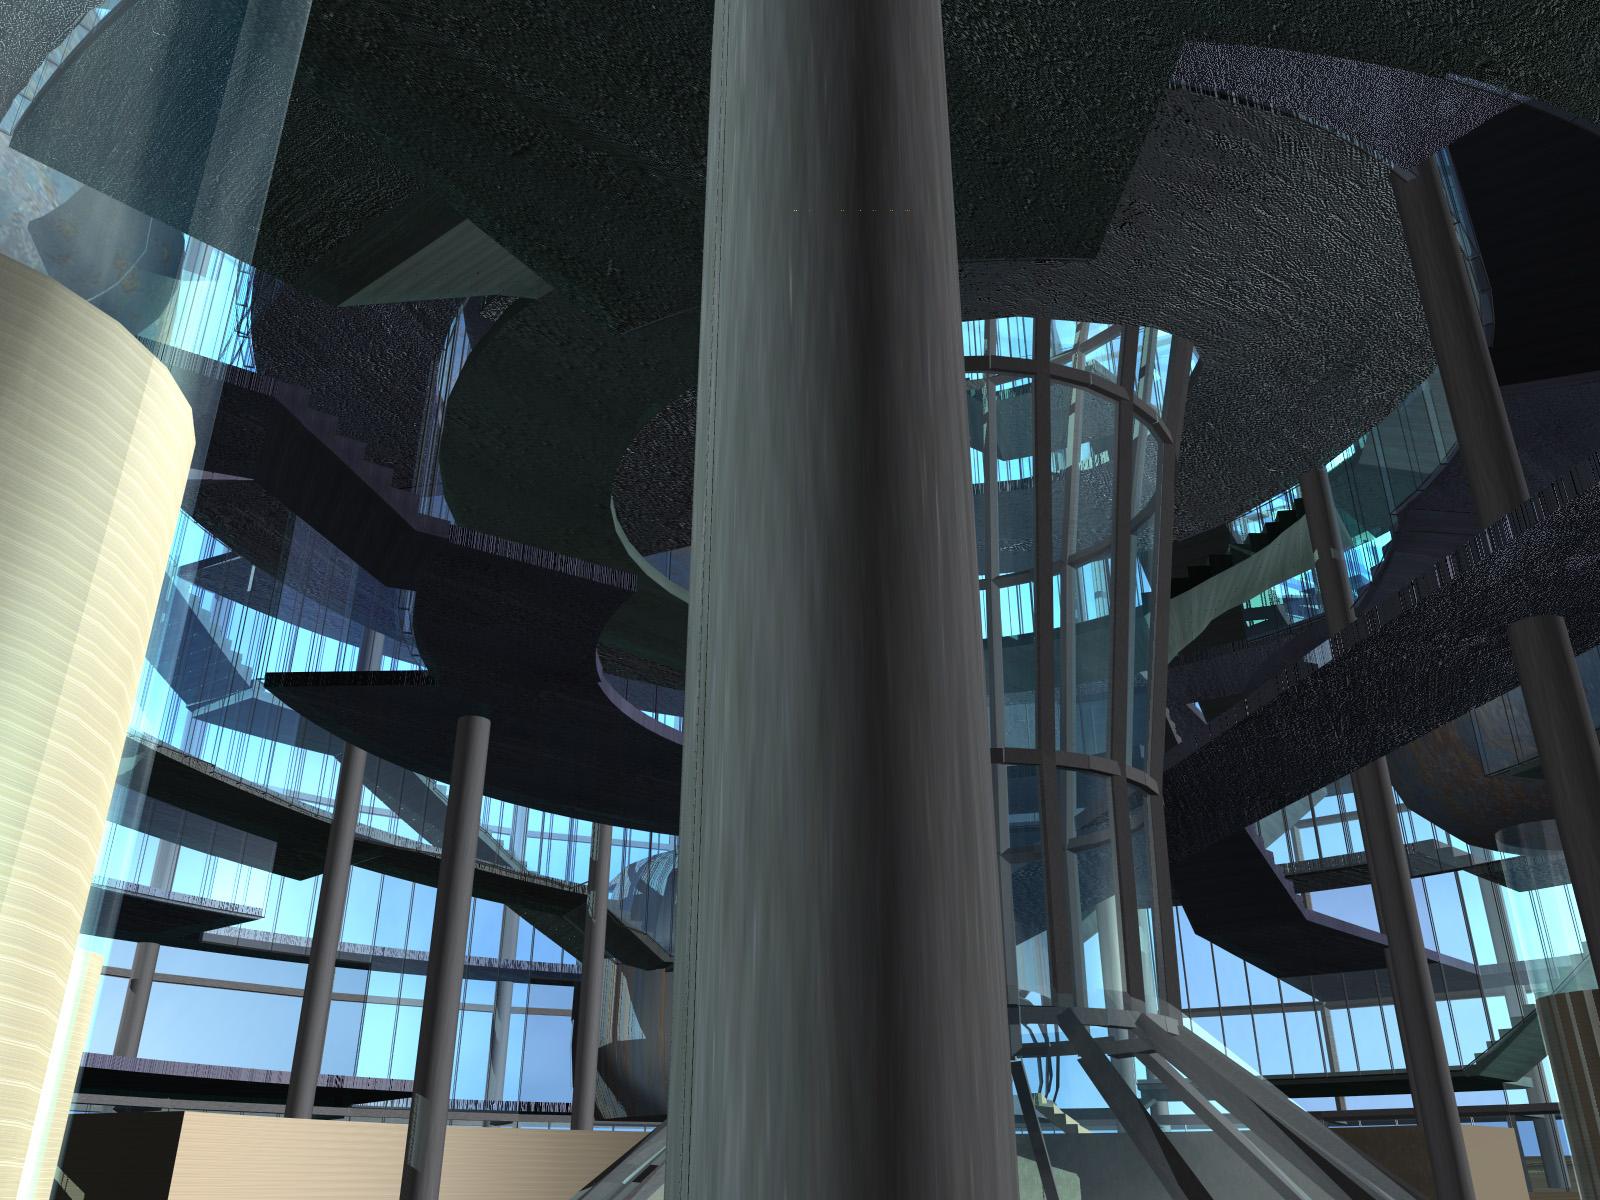 5 Senses Children's Museum (1999)